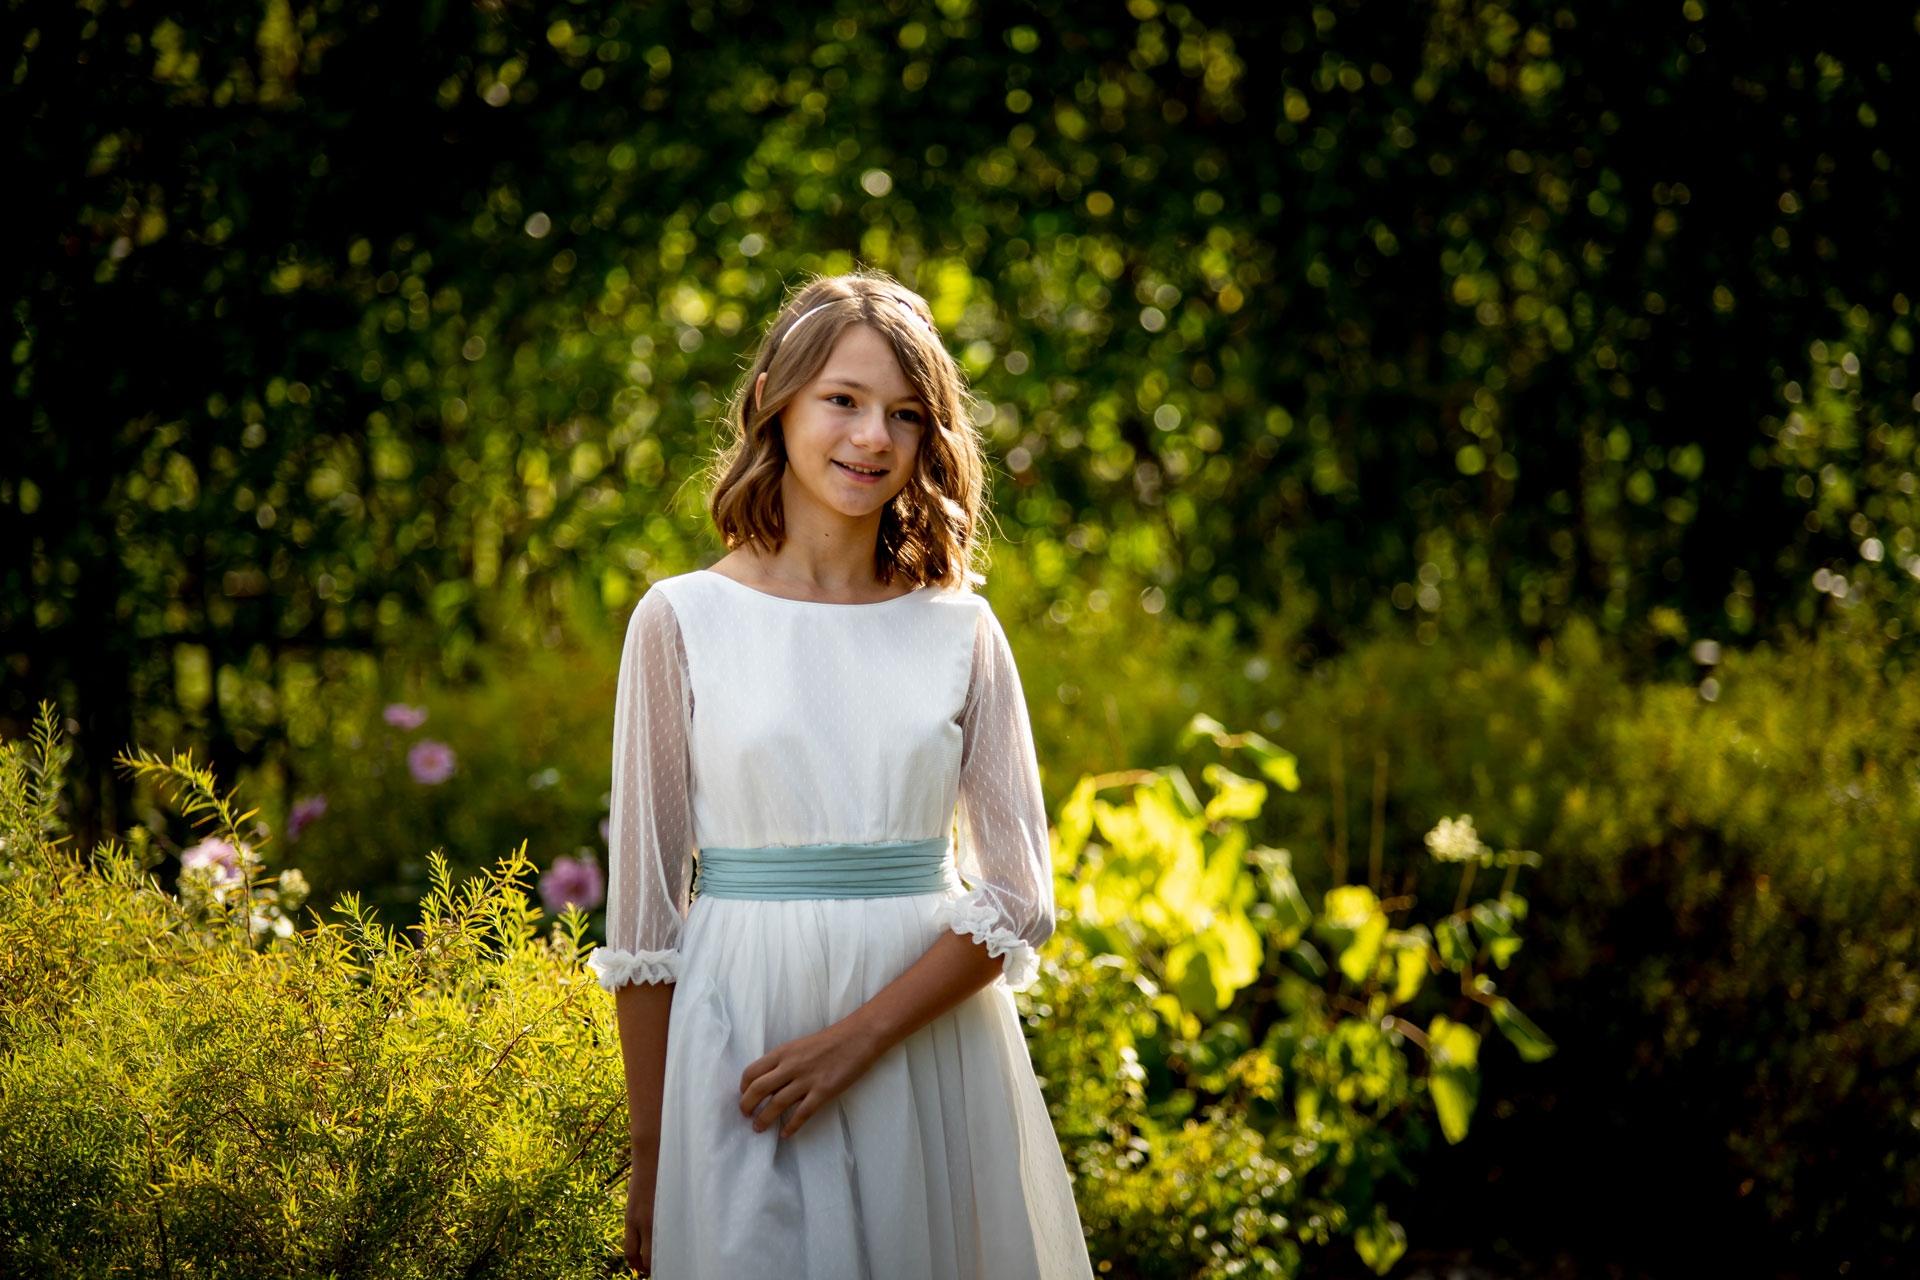 particuliers-portraits-communion-solene-07